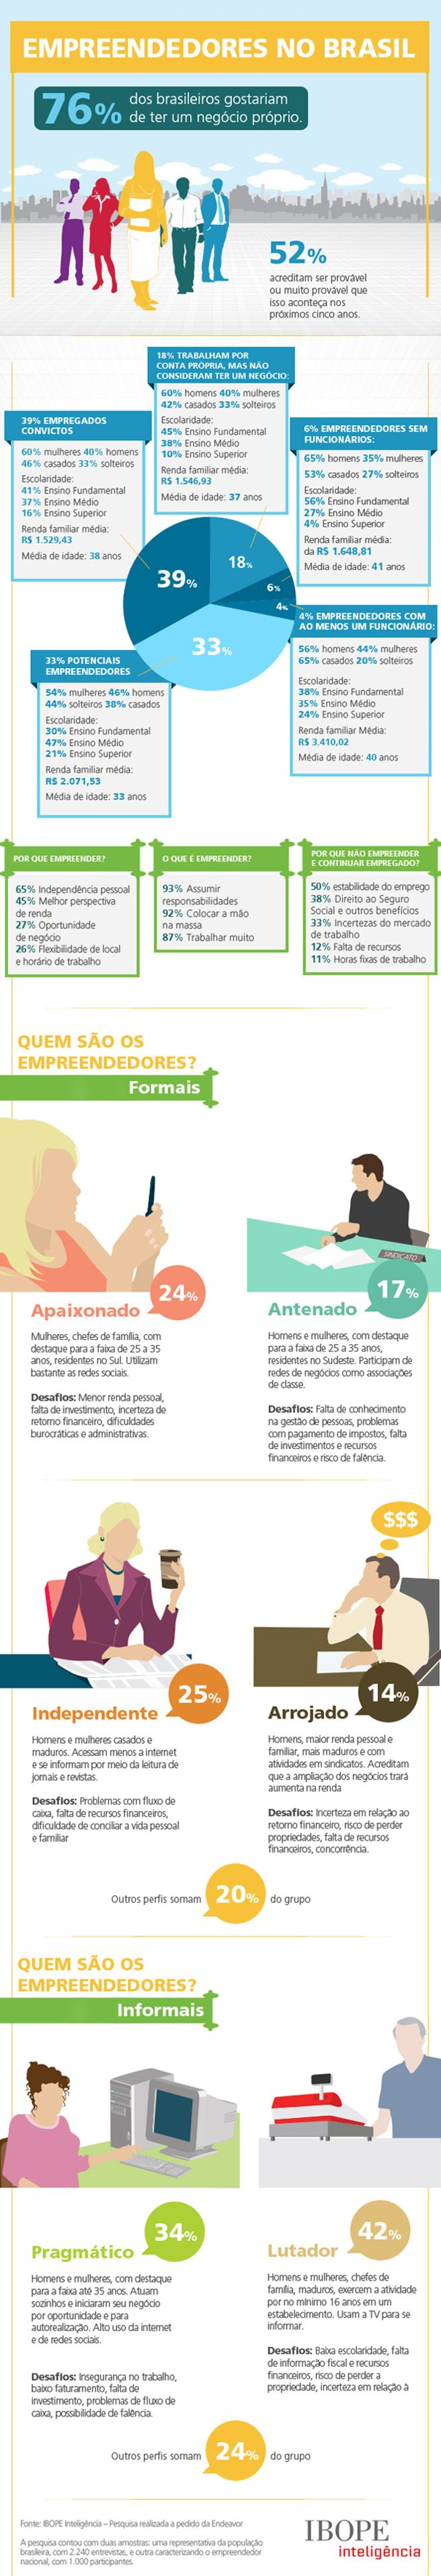 76% dos brasileiros gostariam de ter seu próprio negócio – infográfico Ibope inteligência